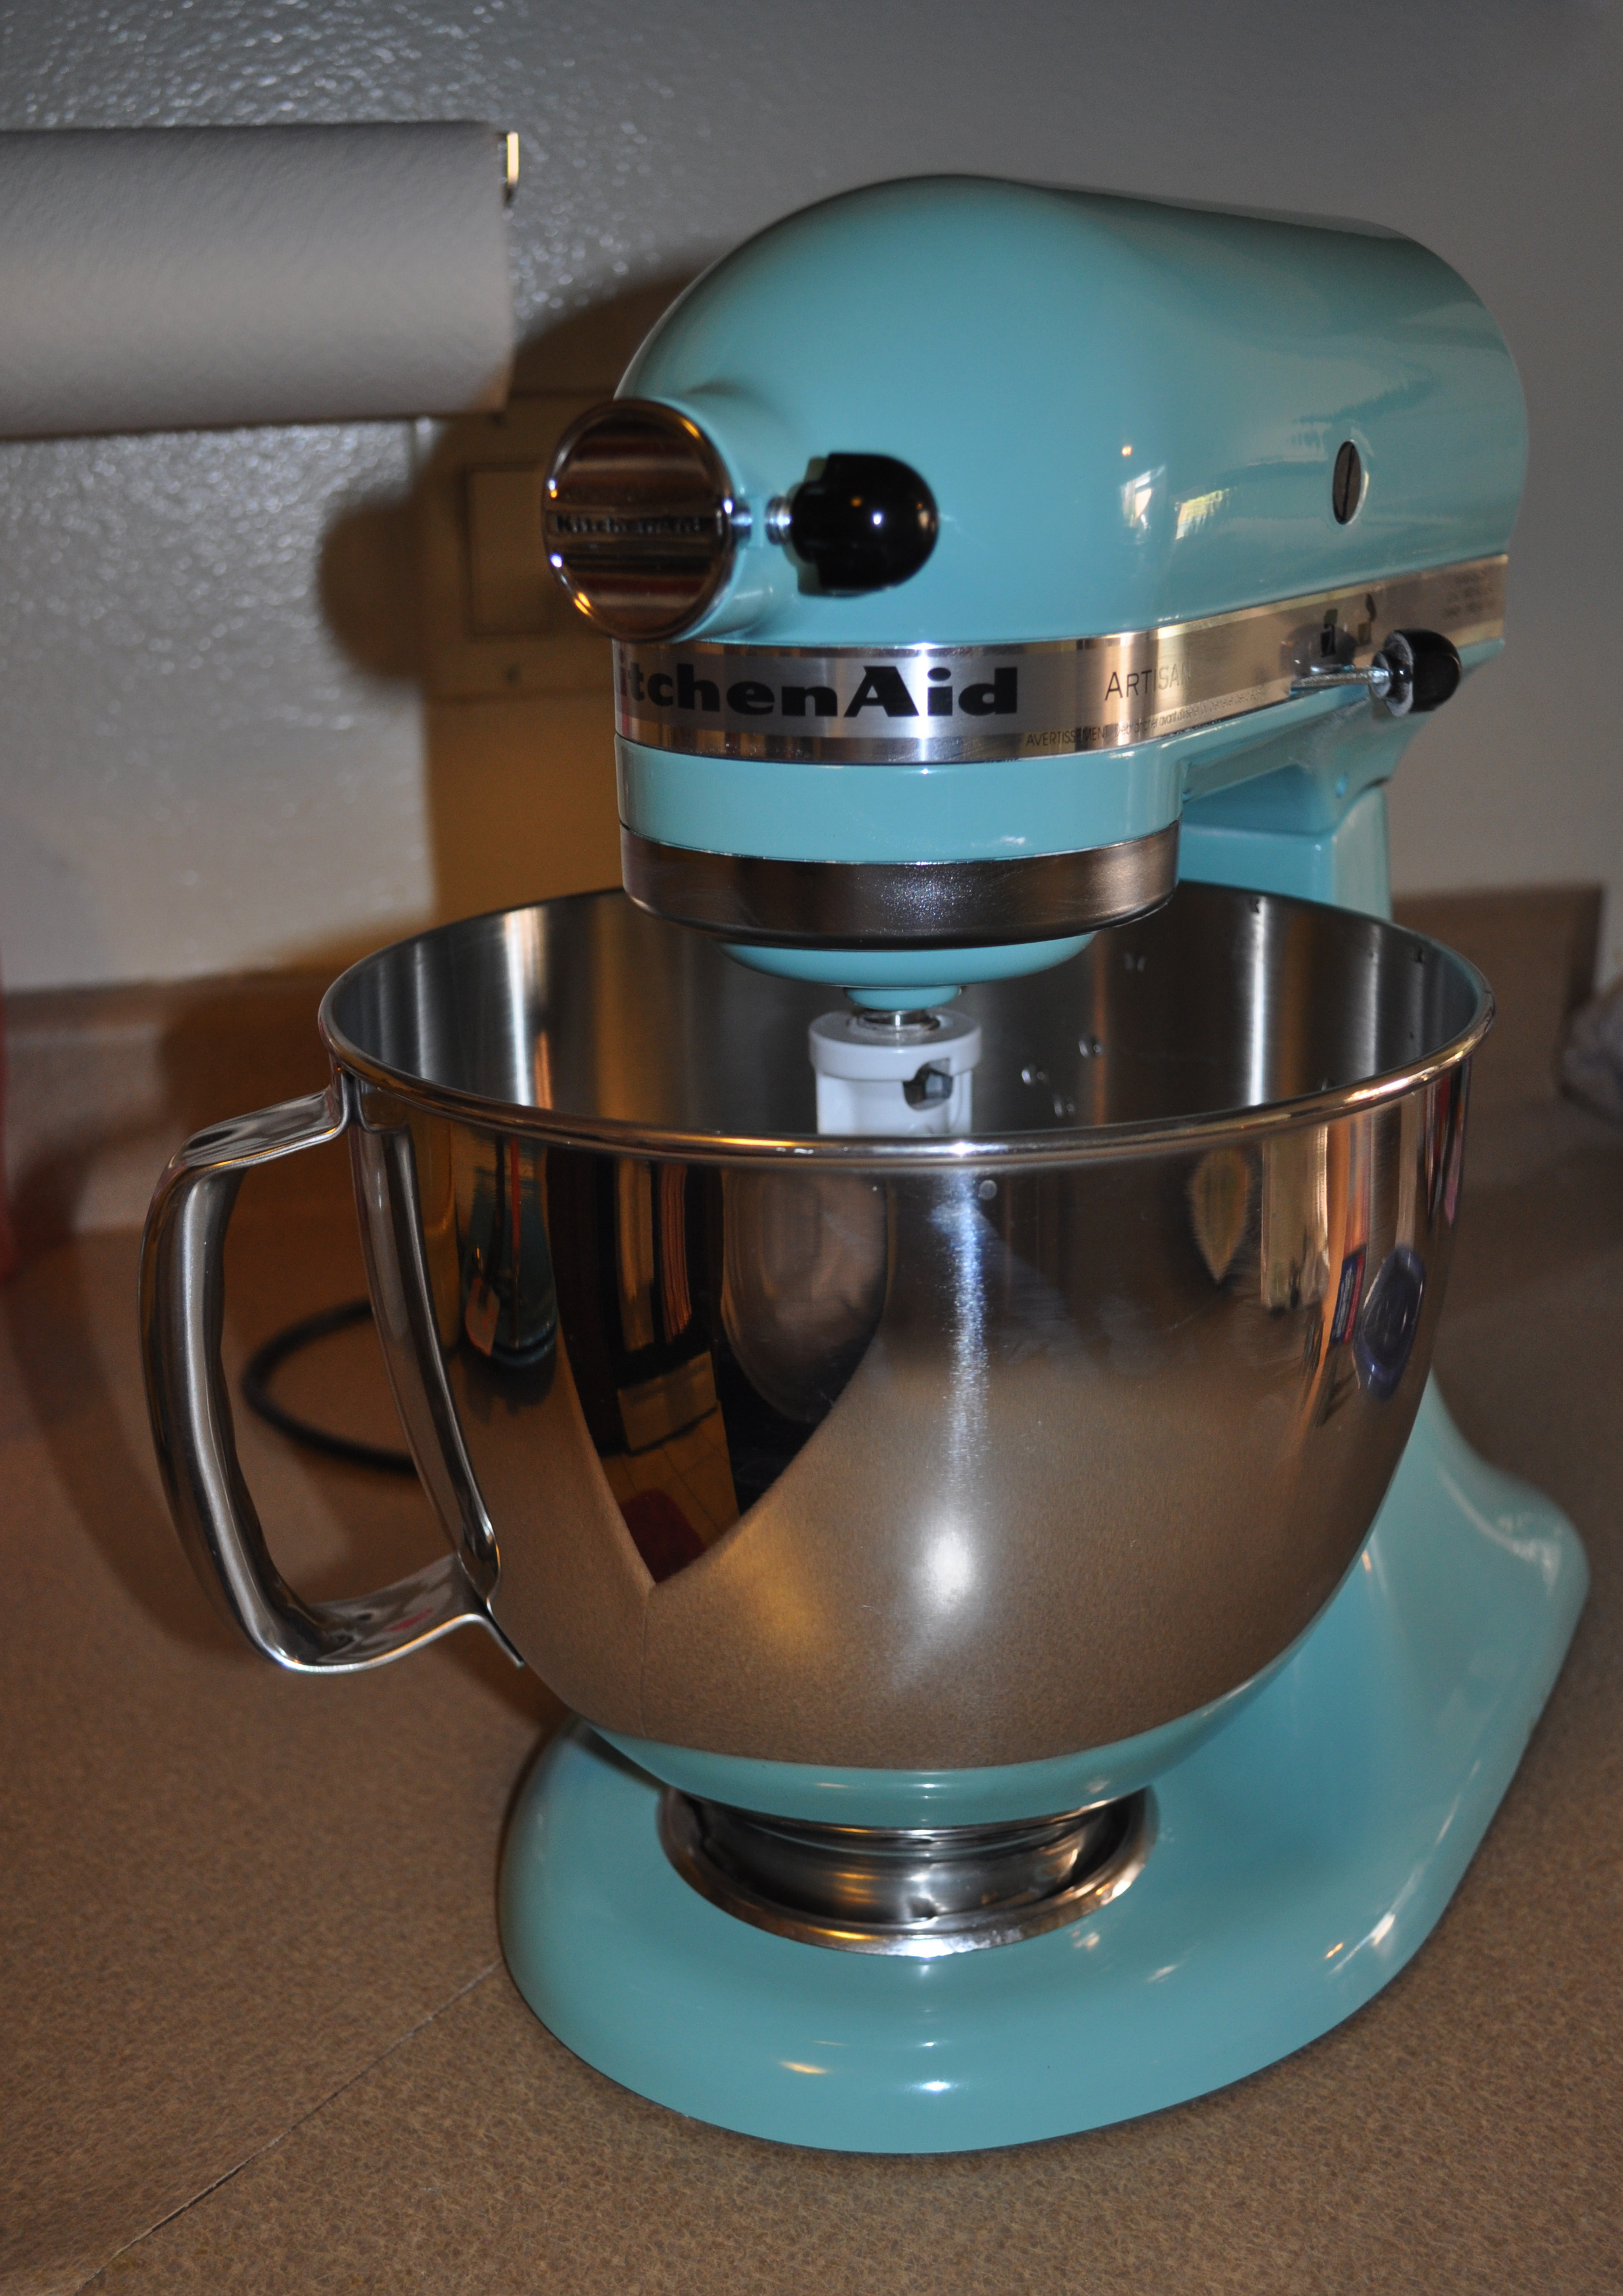 ... Aqua Sky Kitchenaid Mixer